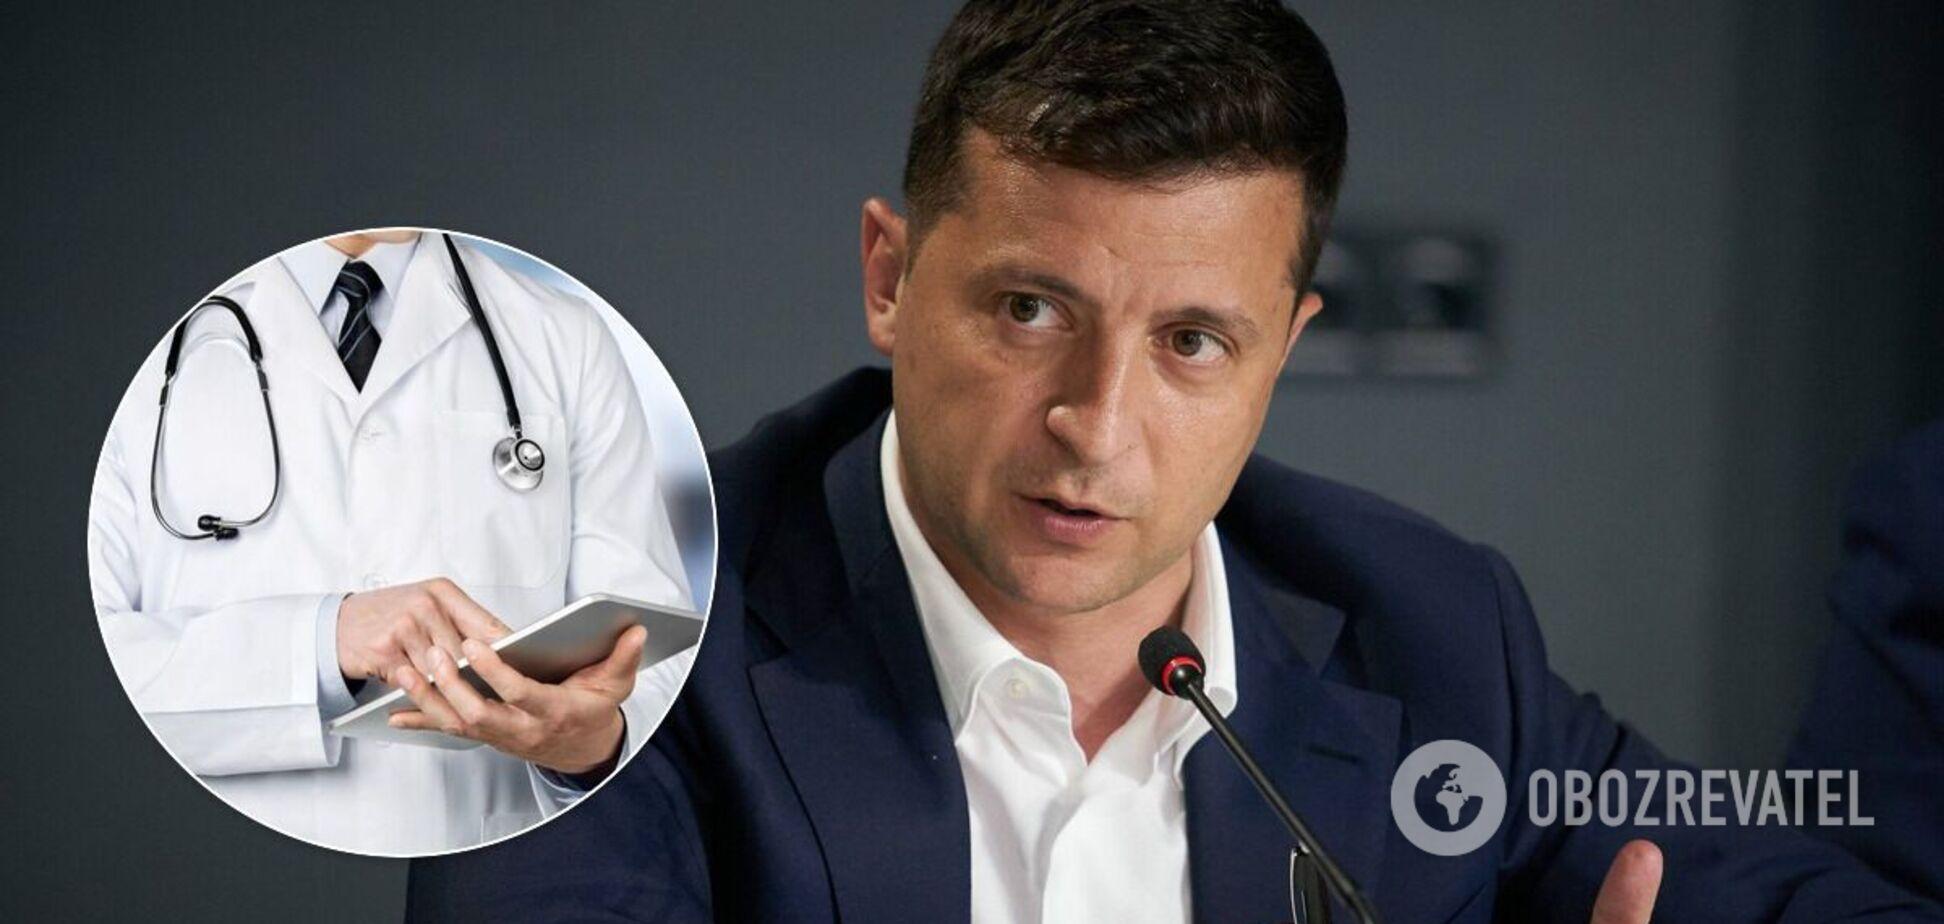 Зеленский анонсировал изменение медреформы и назвал сроки